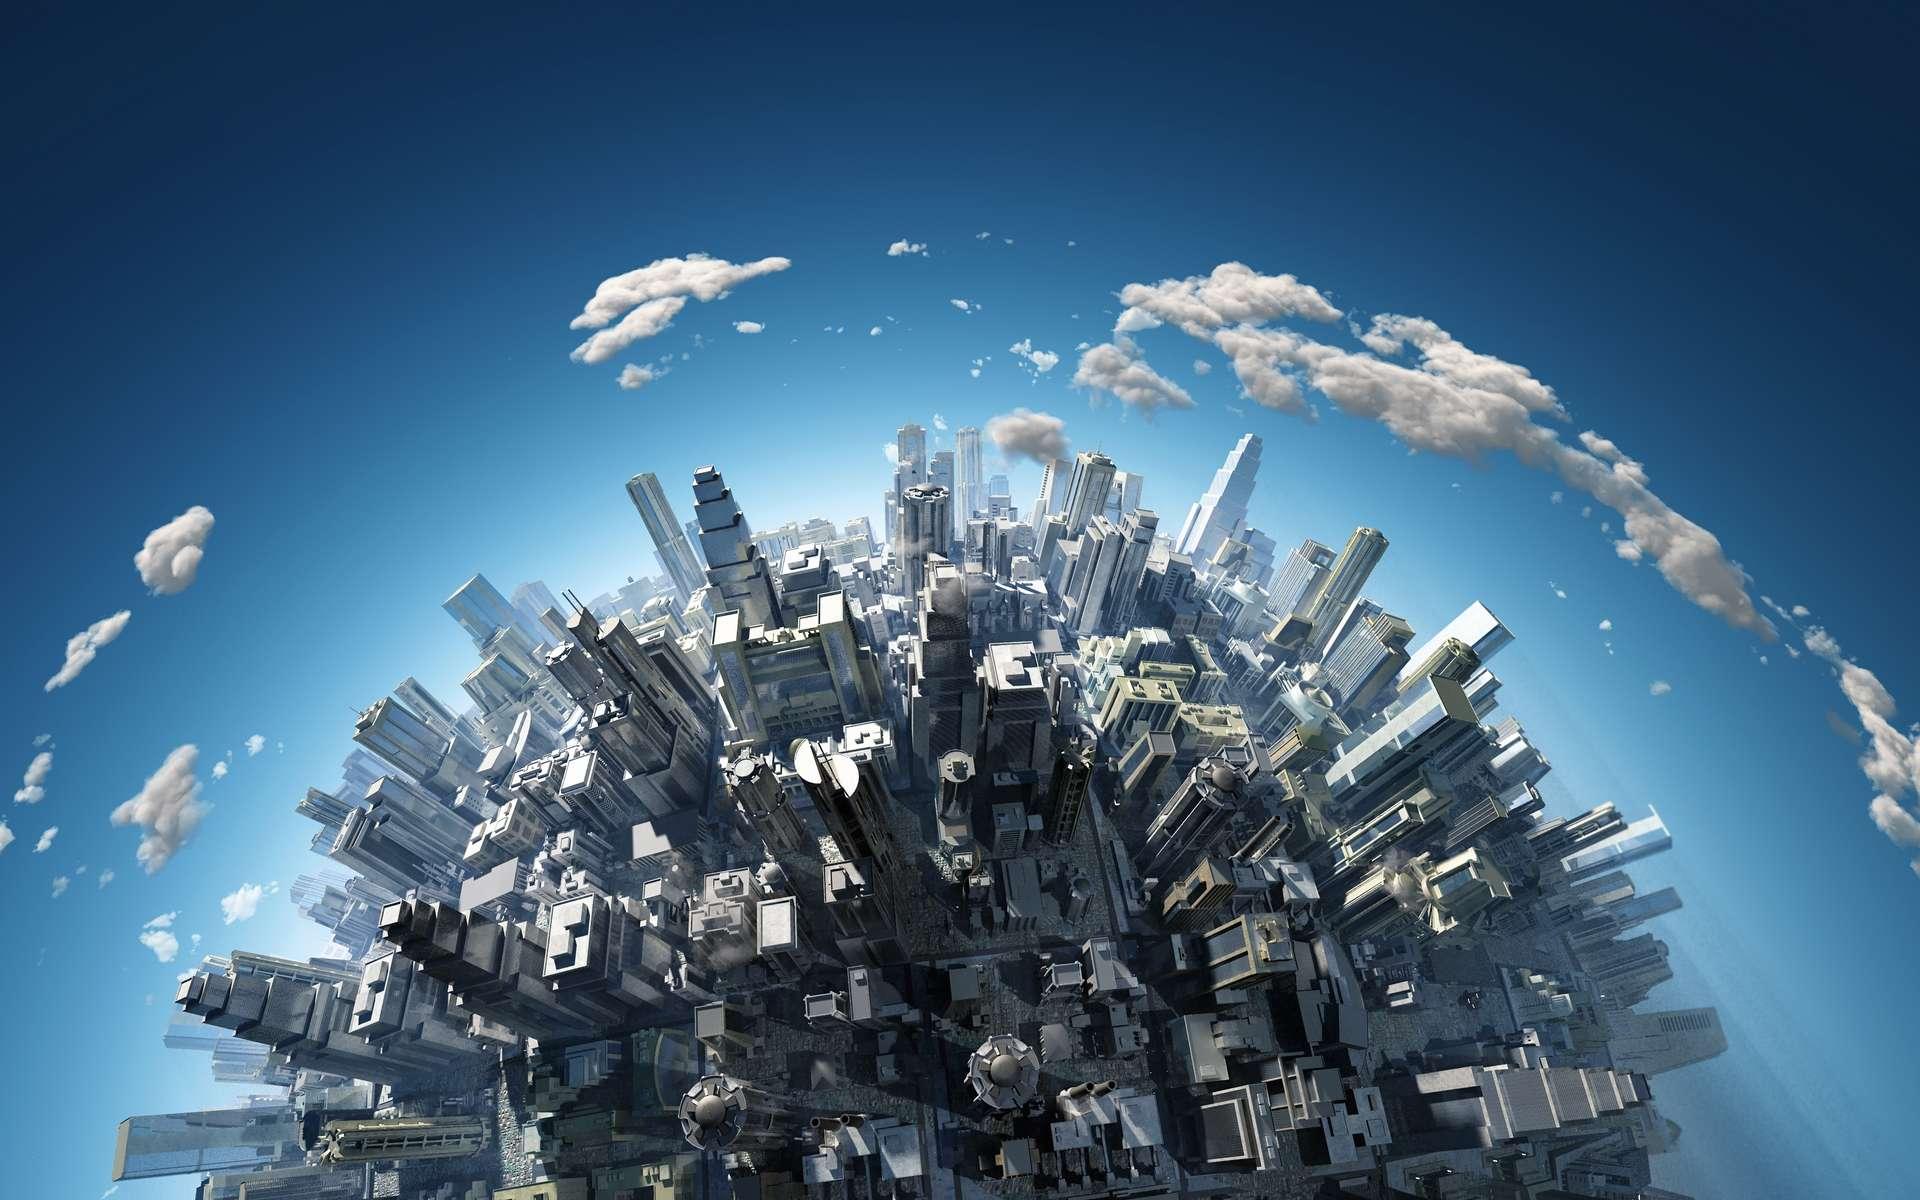 Le poids des objets humains dépasse celui de l'ensemble du vivant. © Photobank, Adobe Stock